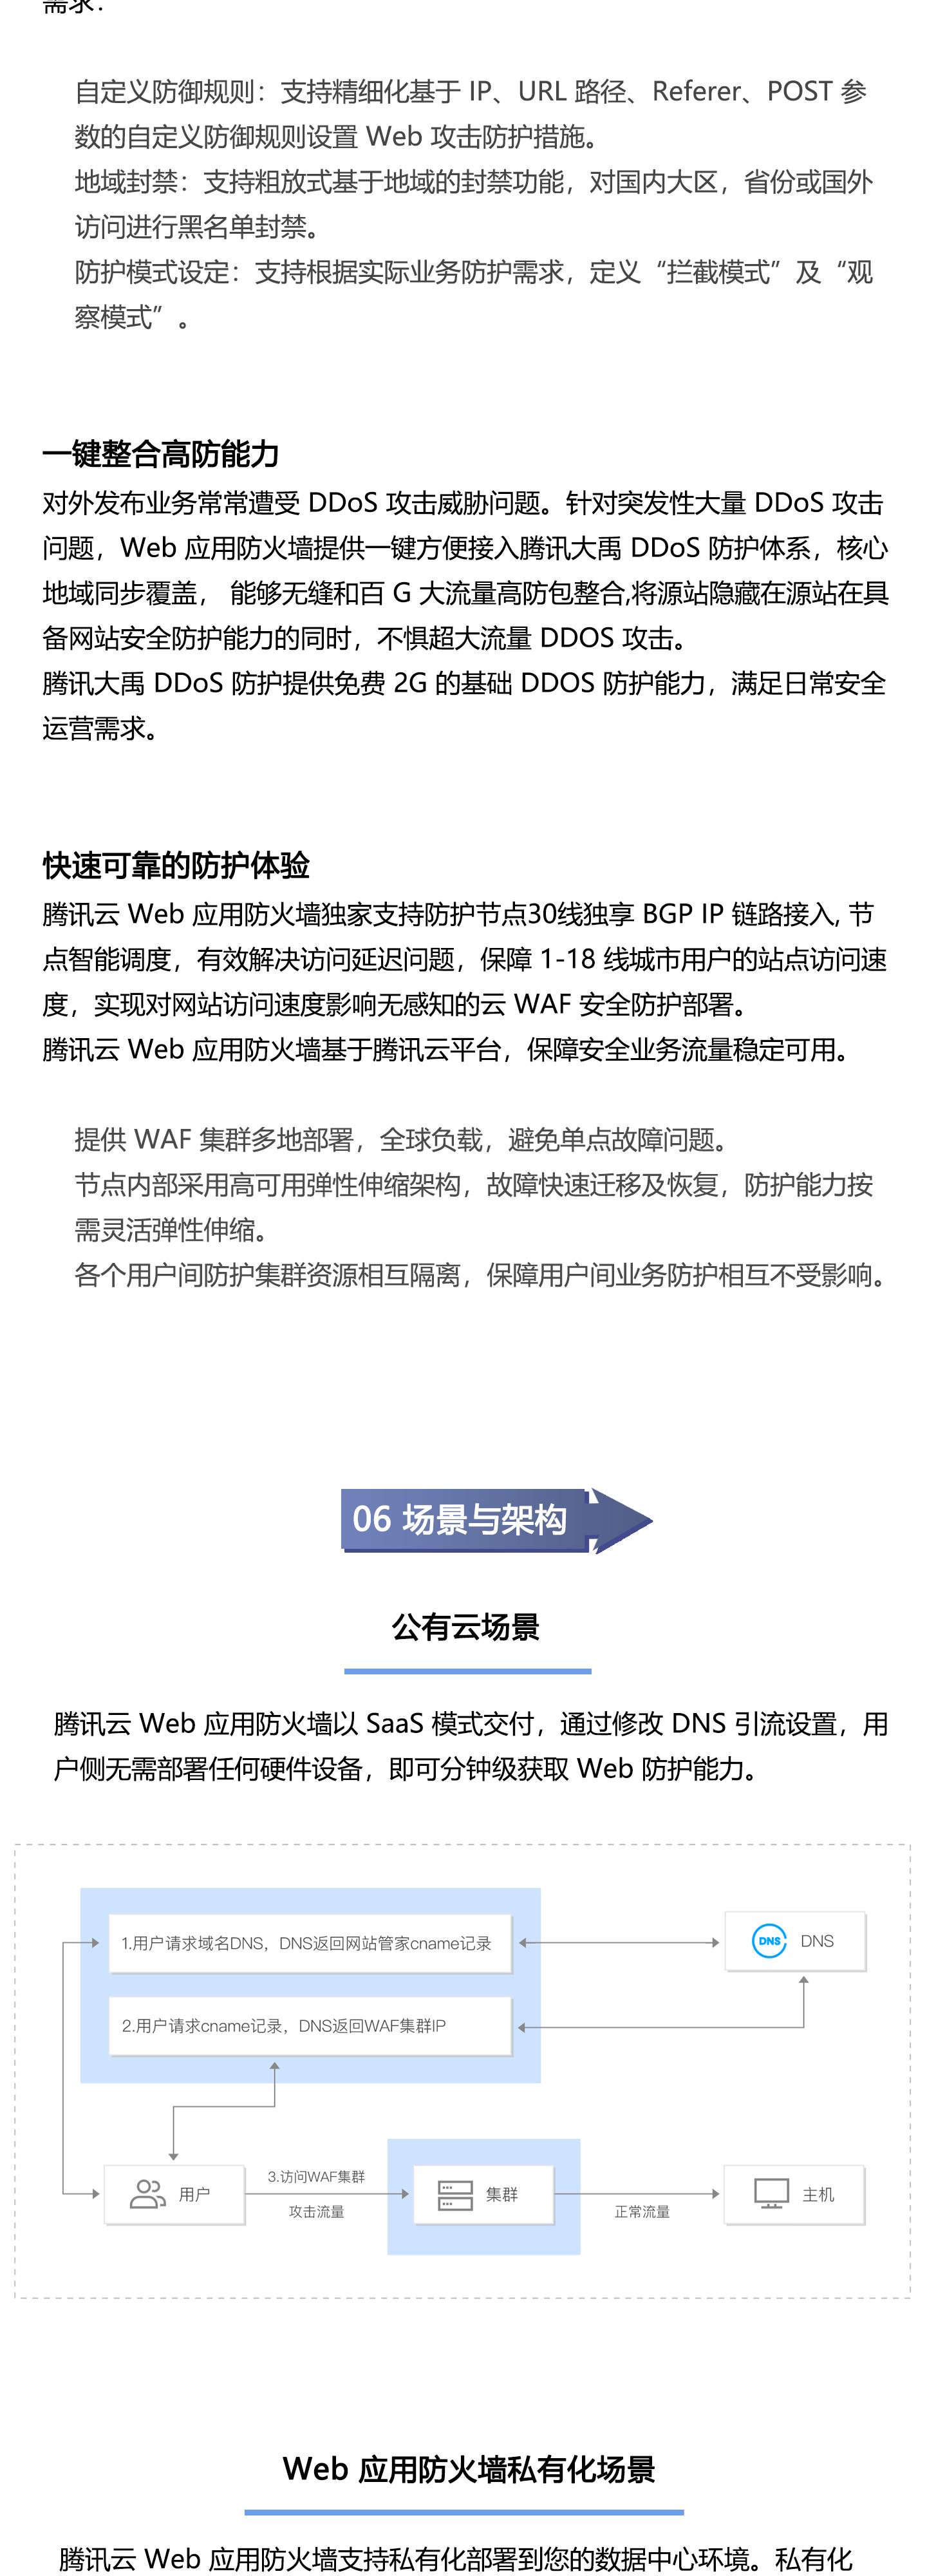 T-Sec-Web-应用防火墙1440_07.jpg